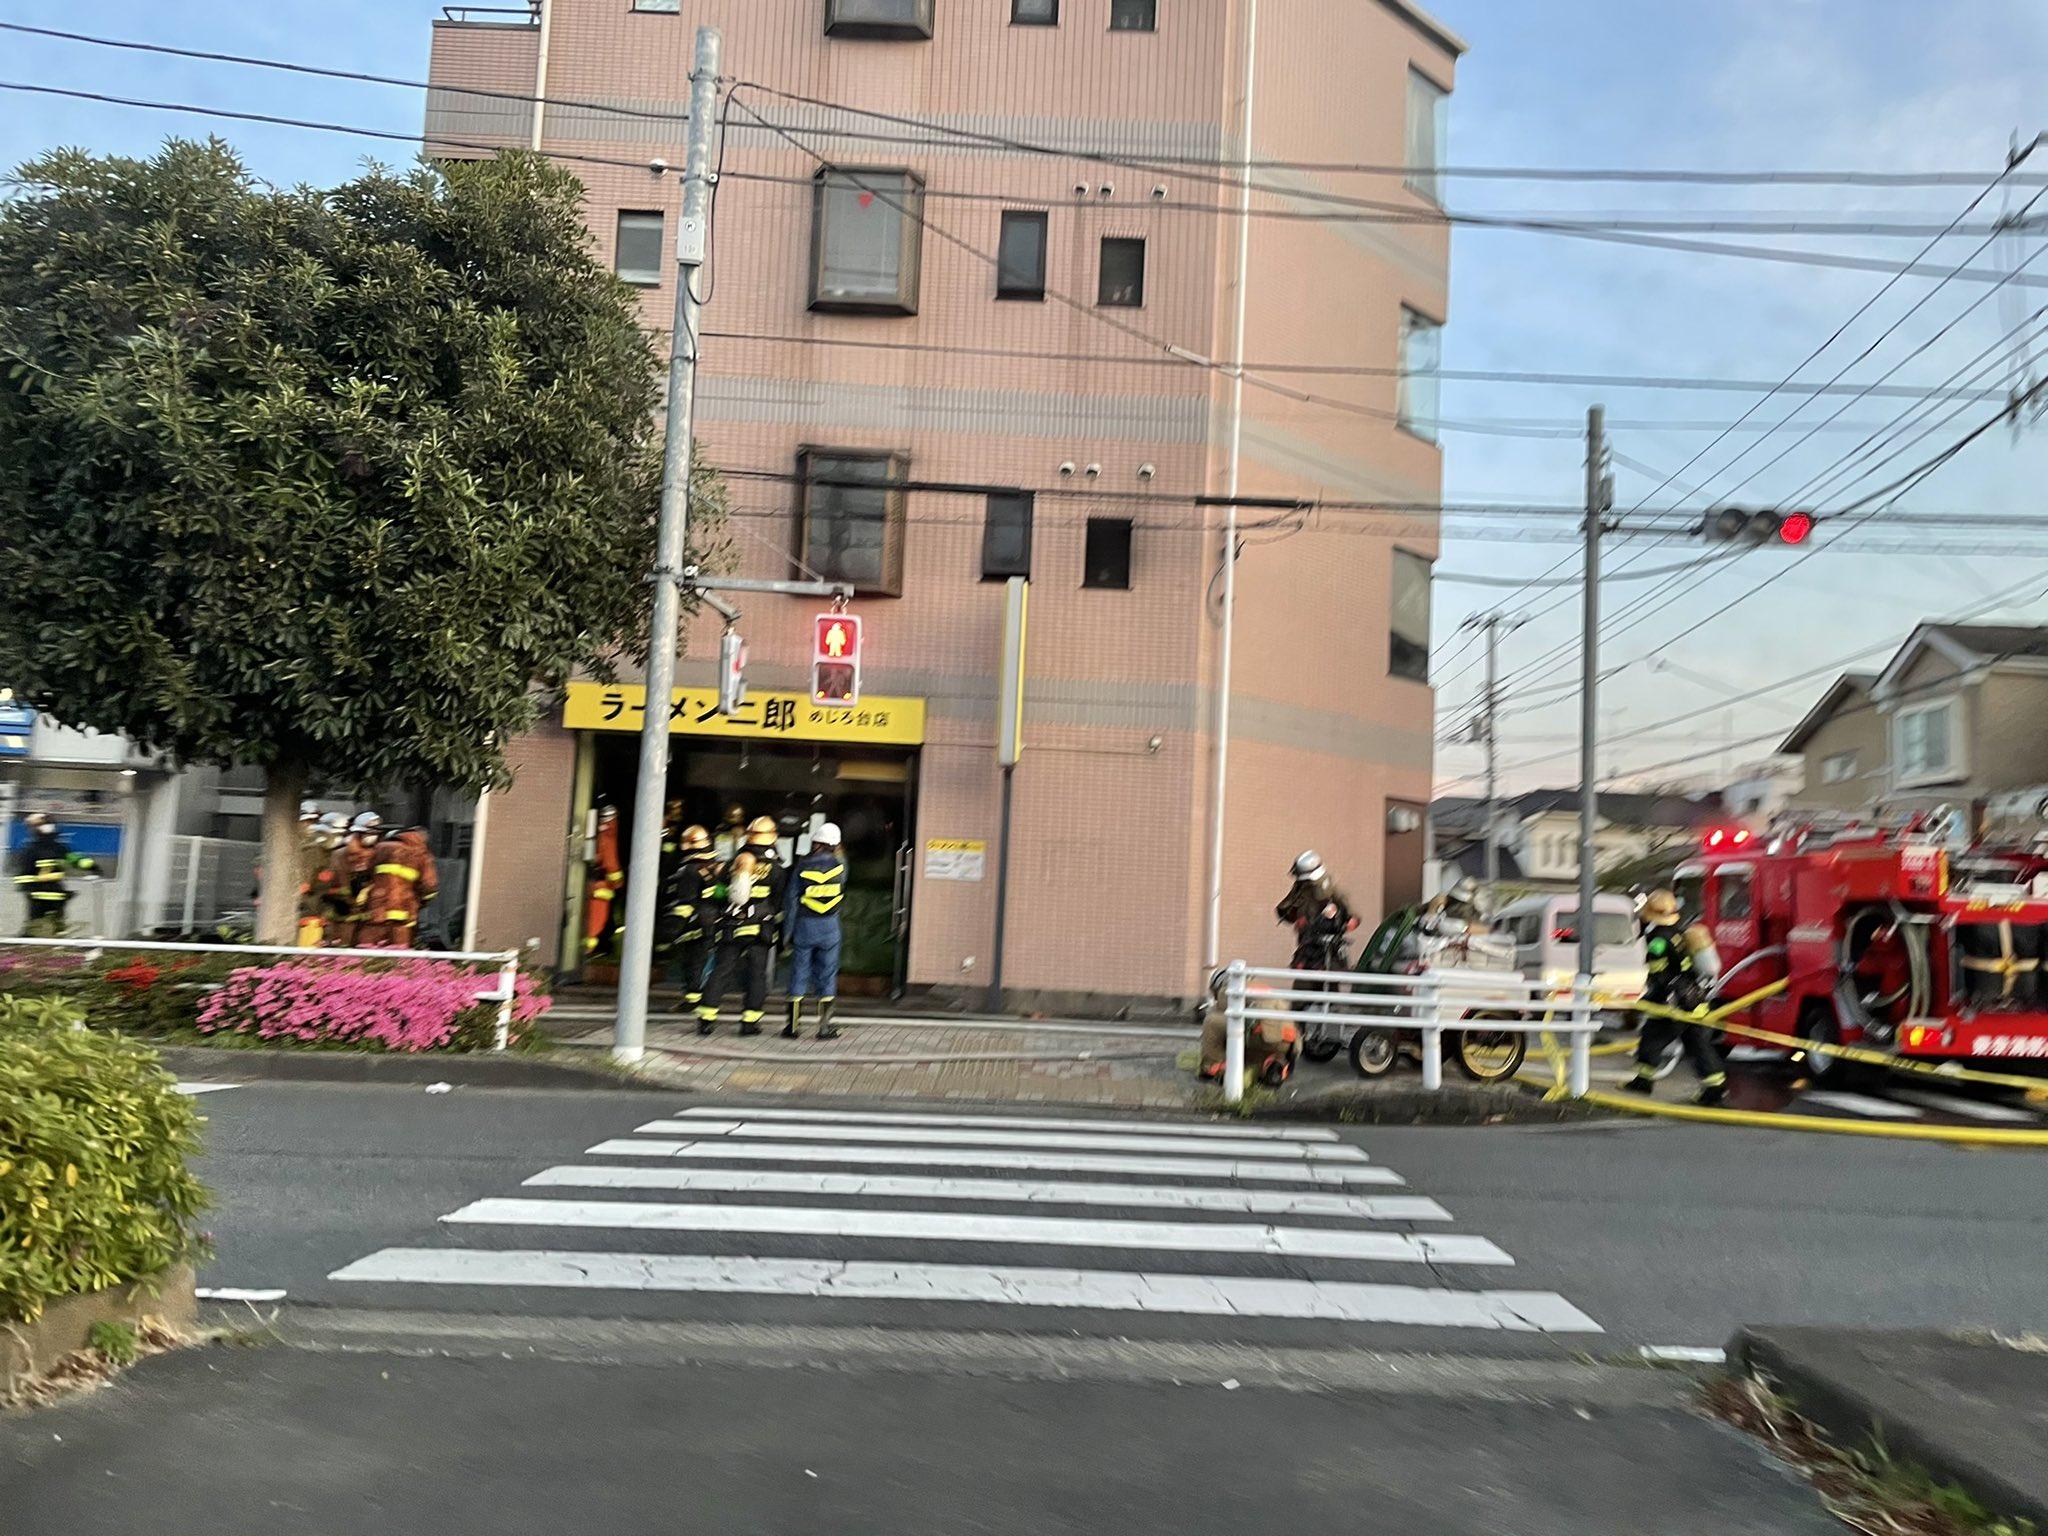 ラーメン二郎 めじろ台店の火災現場の画像